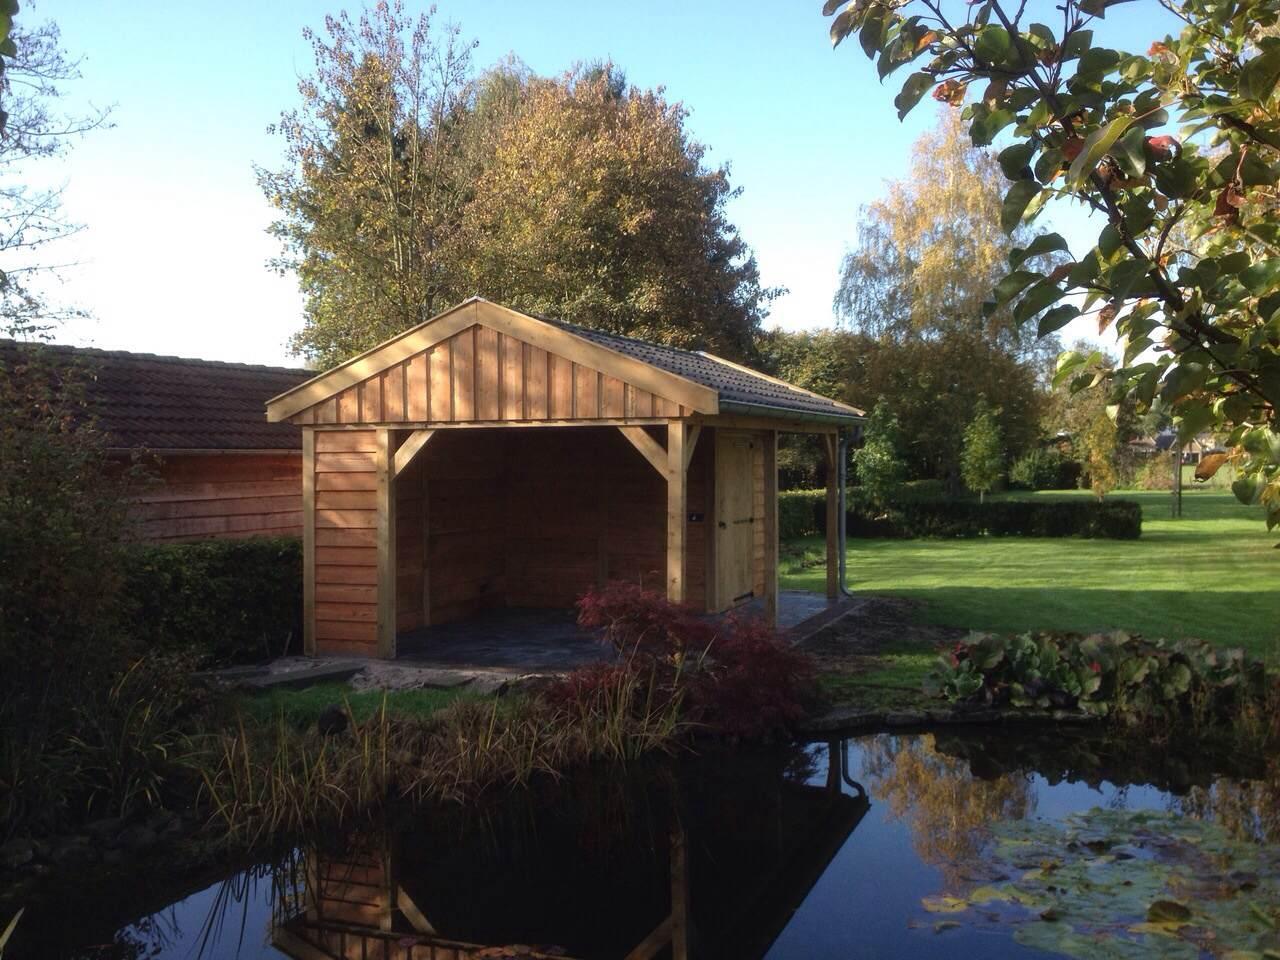 eikenhouten_tuinhuis_met_veranda - Ontdek de charme en stijlvolle uitstraling van een eikenhouten bijgebouw in de natuur.